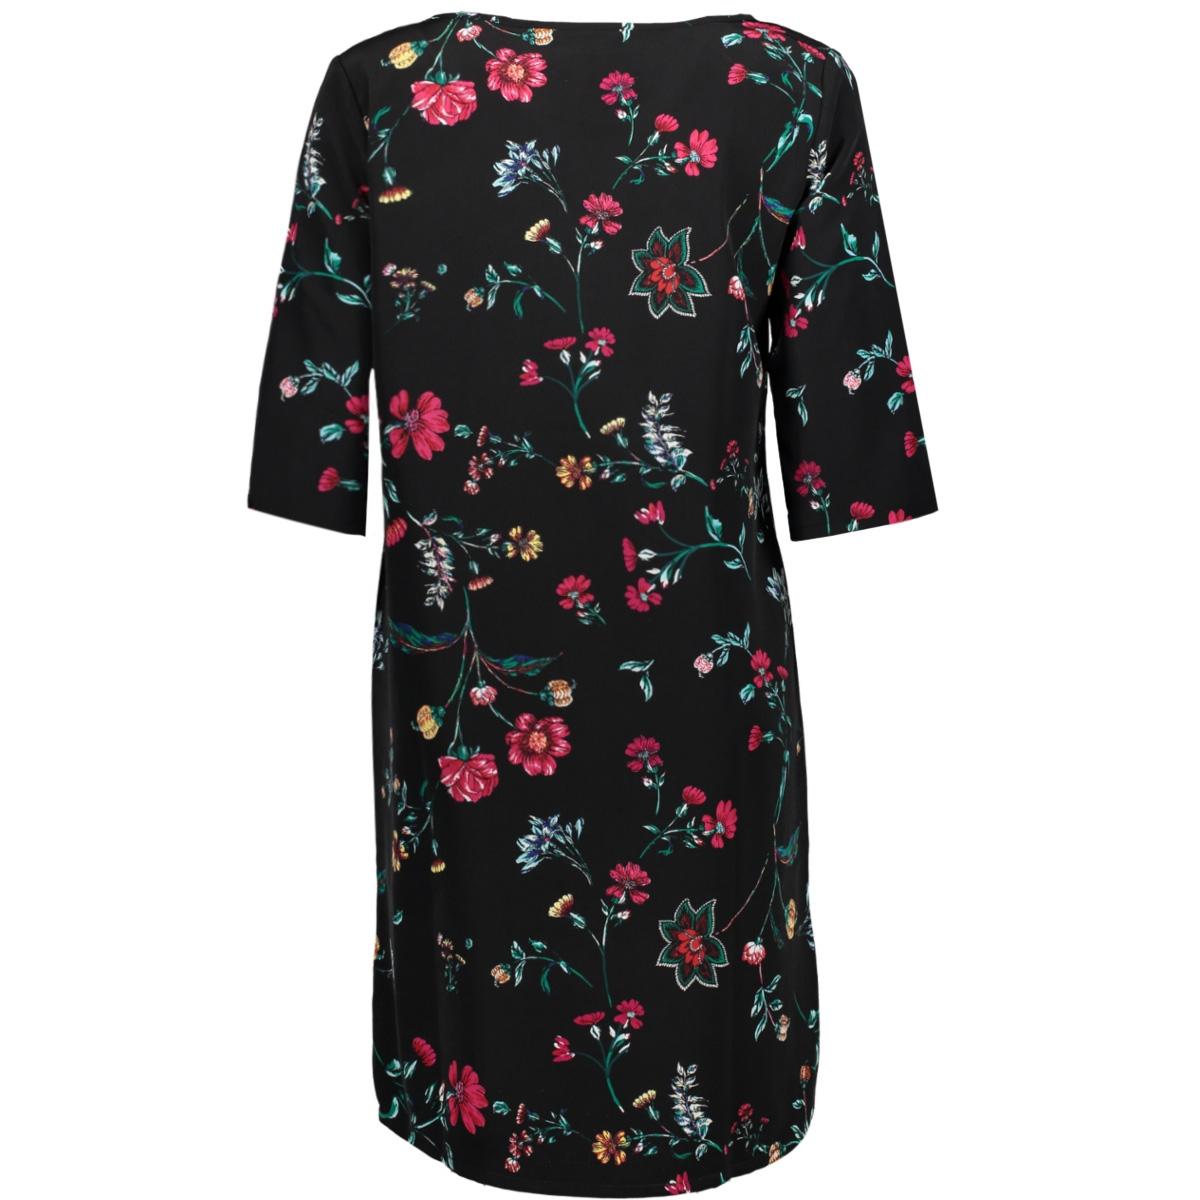 l70285 garcia jurk 60 black